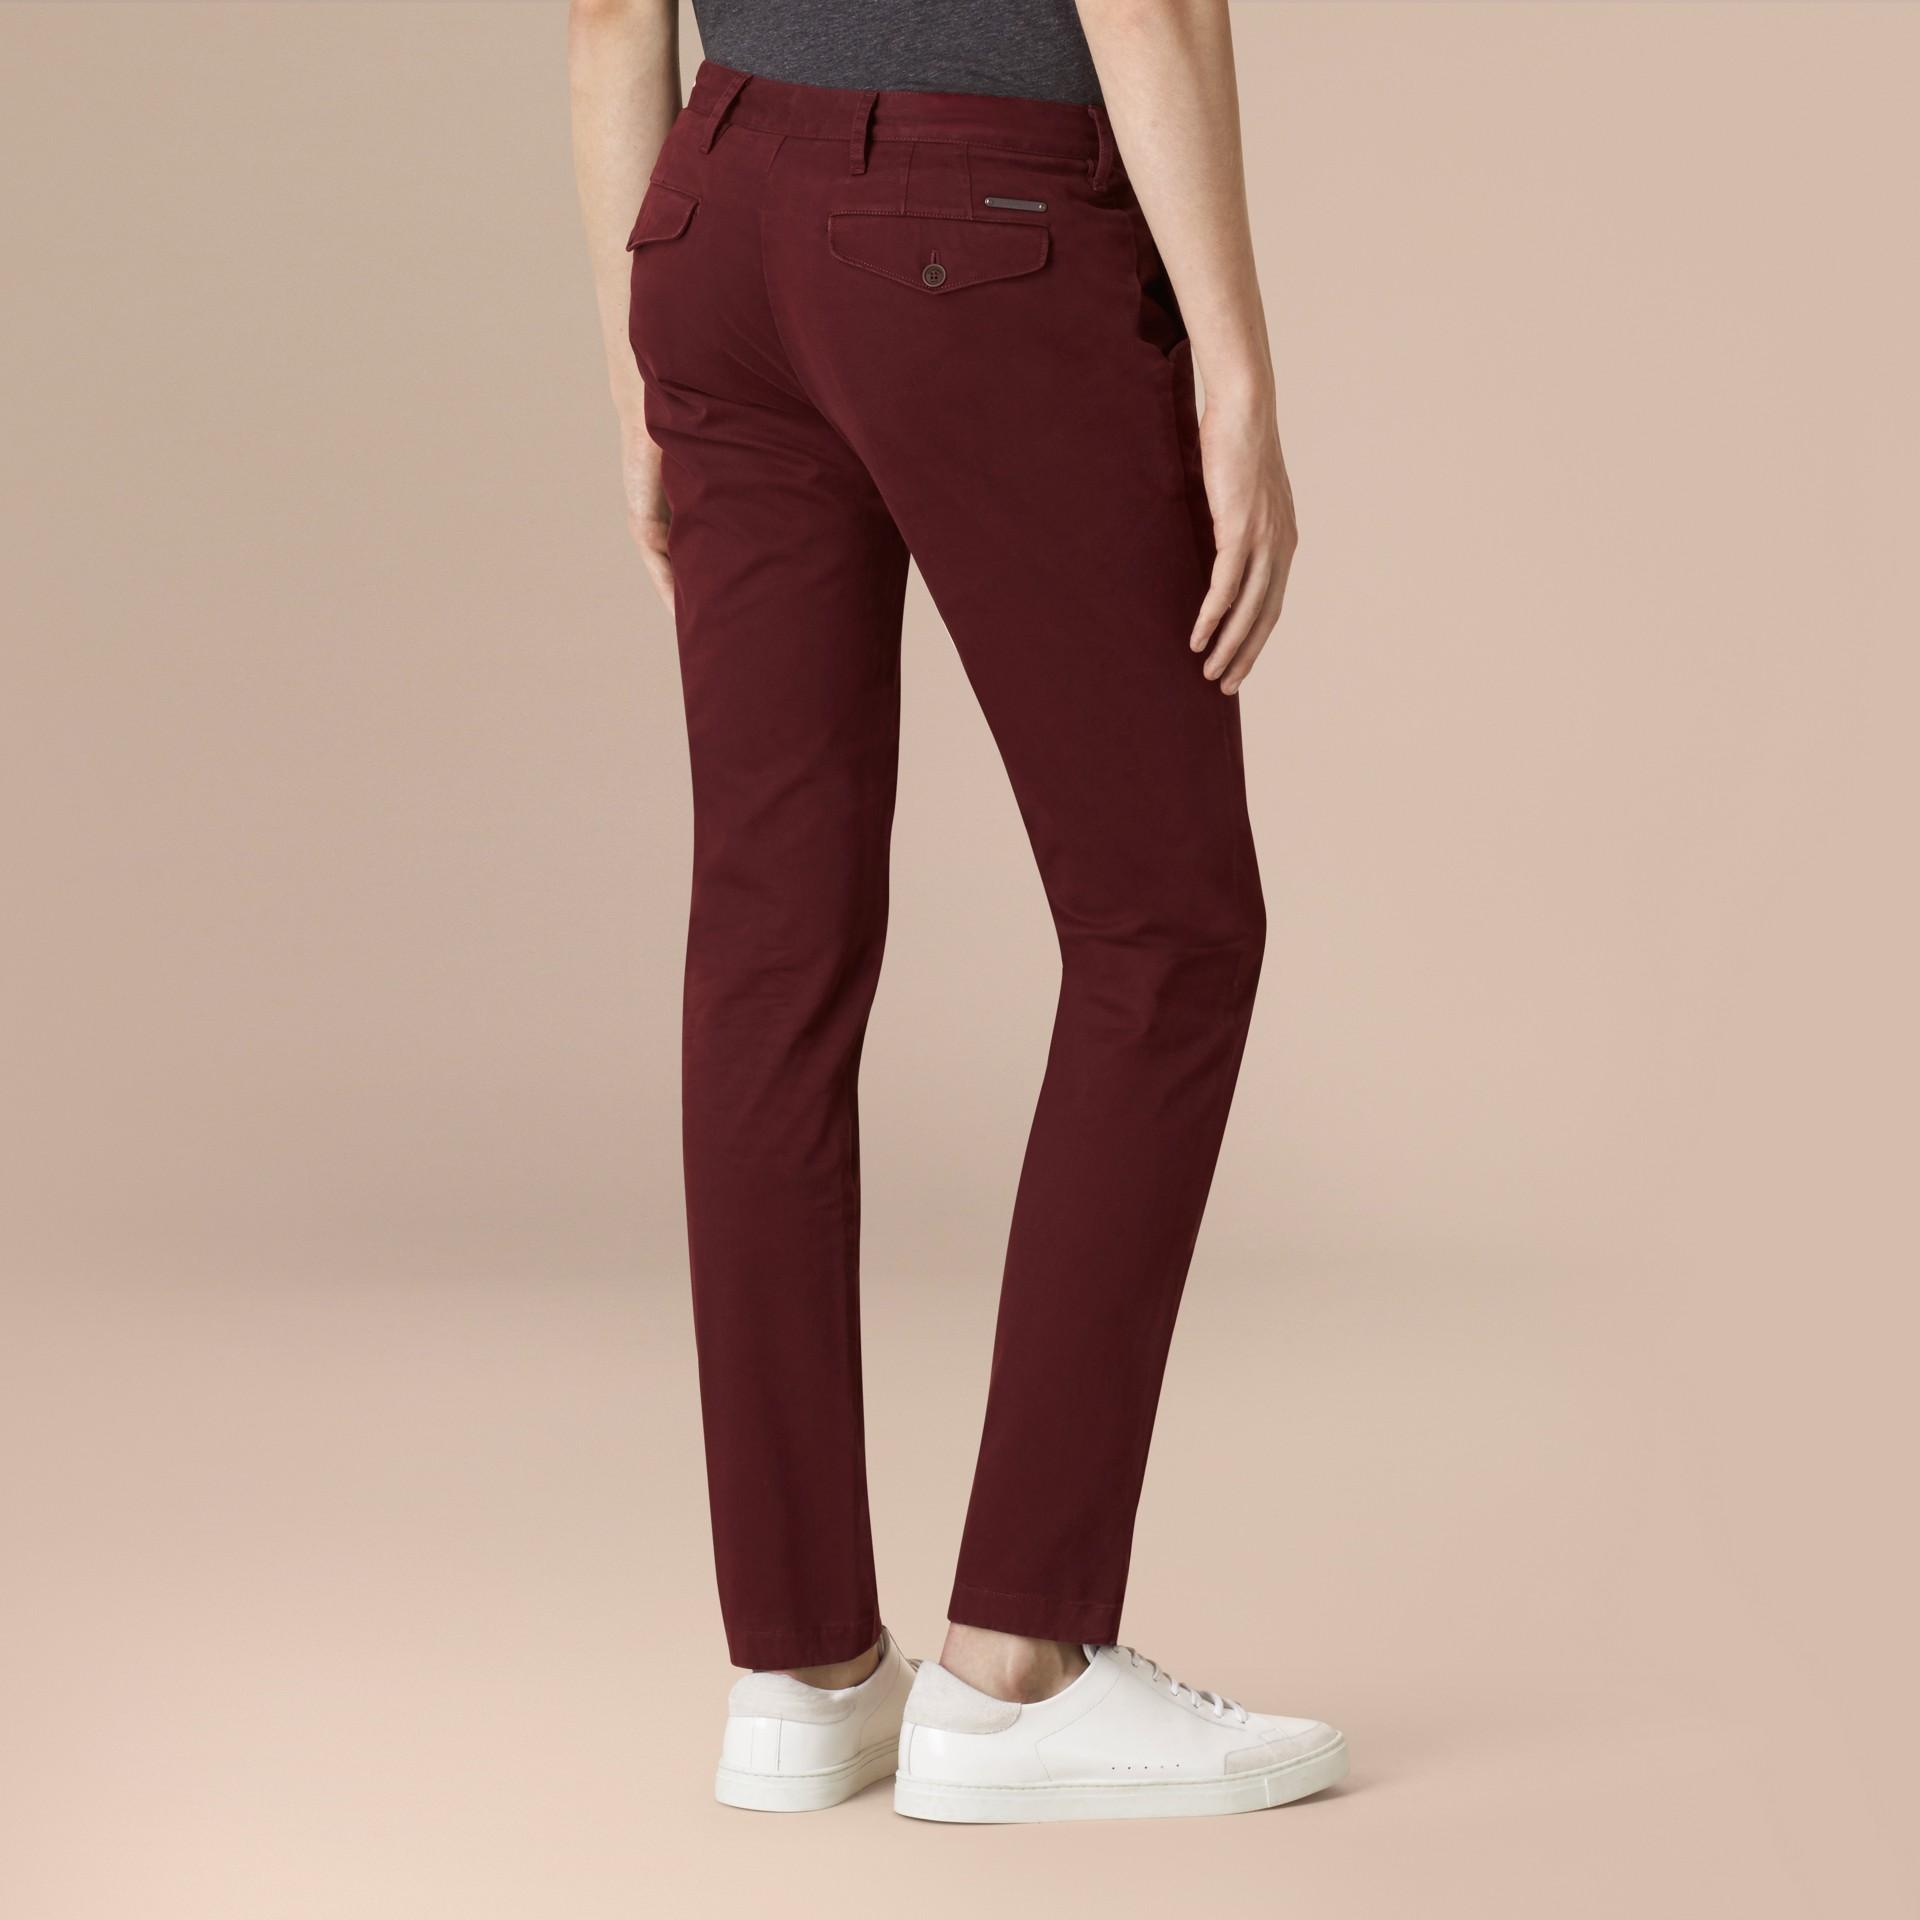 Темный кларет Узкие брюки из эластичного хлопка - изображение 2